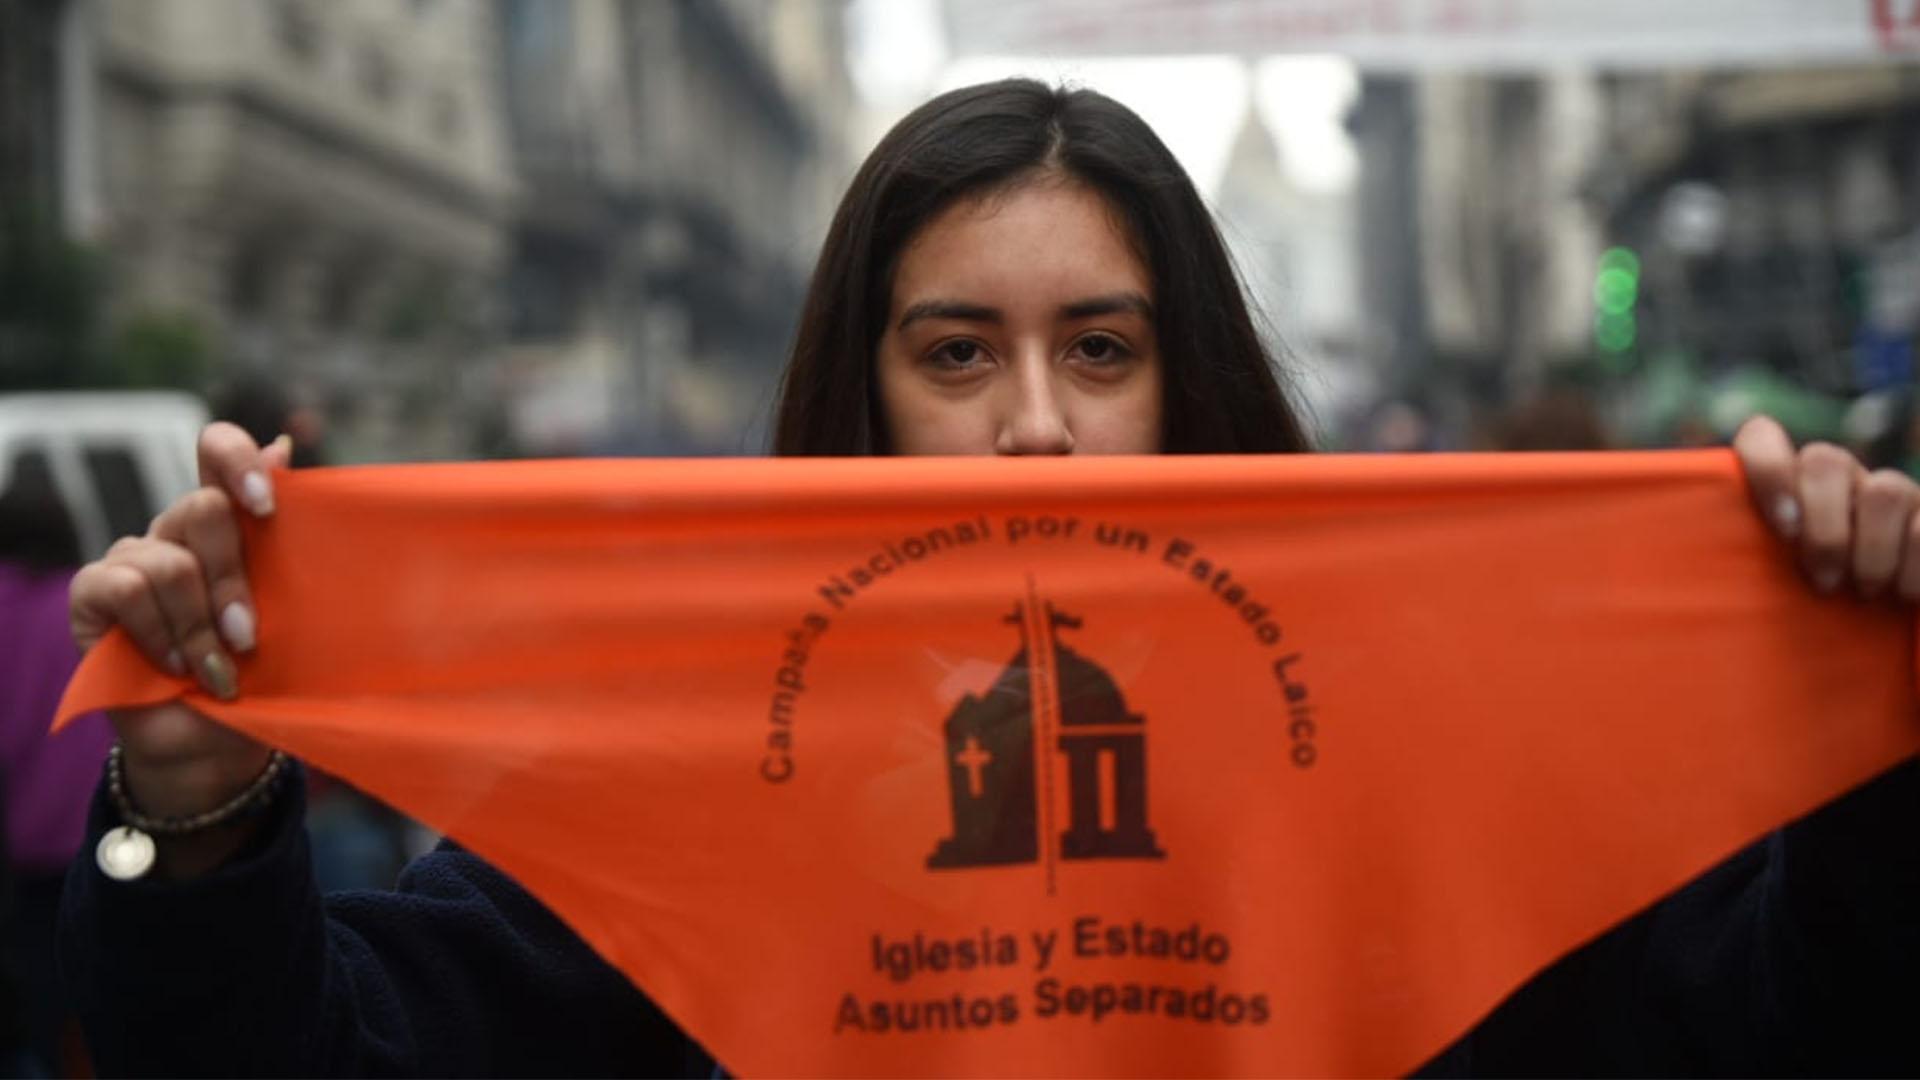 Qué Significan Y Qué Piden Los Pañuelos Naranjas Que Pueblan La Movilización Por El Aborto Legal Infobae